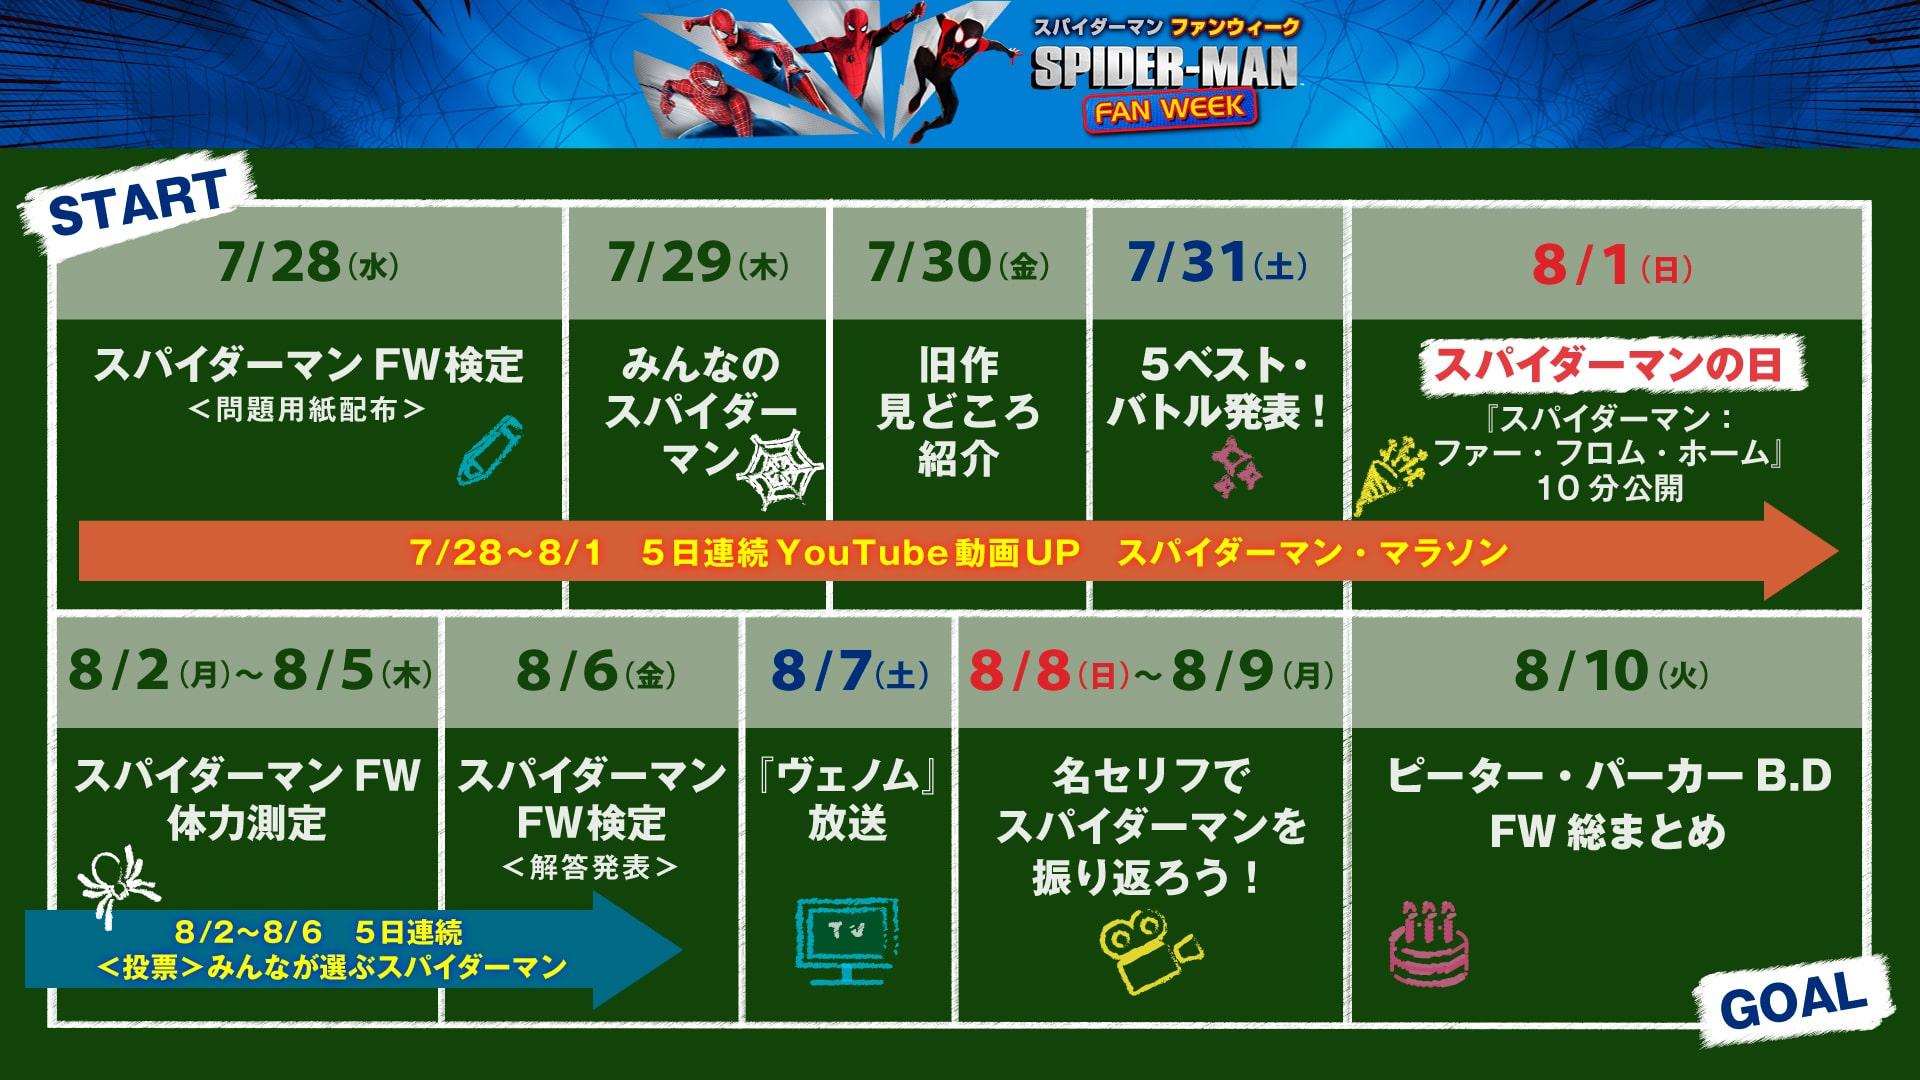 Il trailer di Spider-Man: No Way Home atteso per il 10 agosto